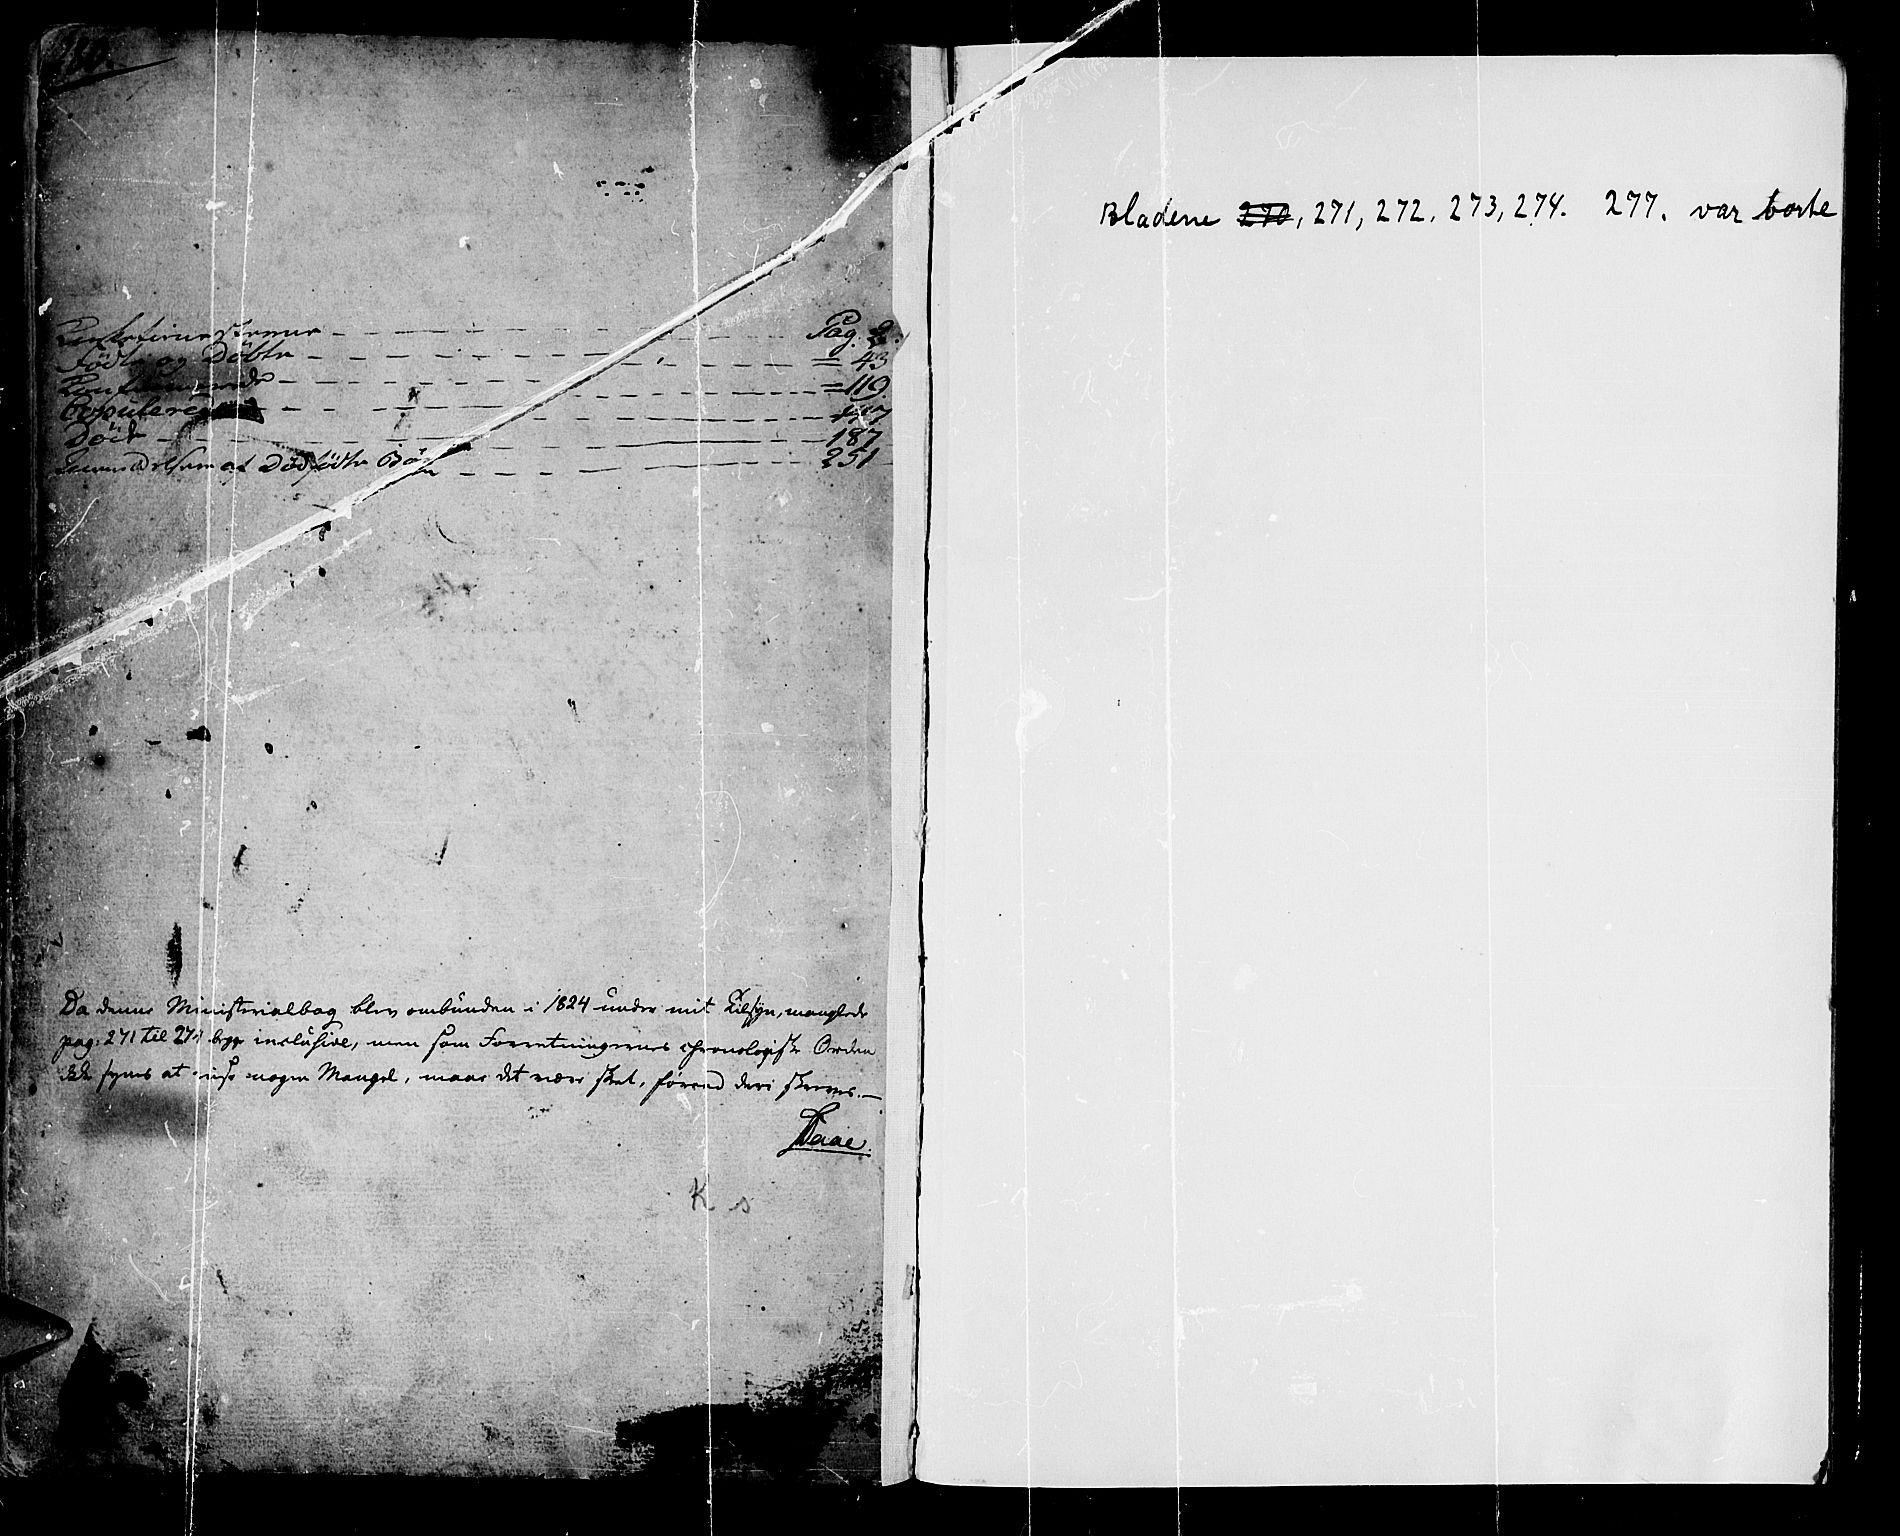 SAB, Lærdal sokneprestembete, Ministerialbok nr. A 4, 1805-1821, s. 280-281